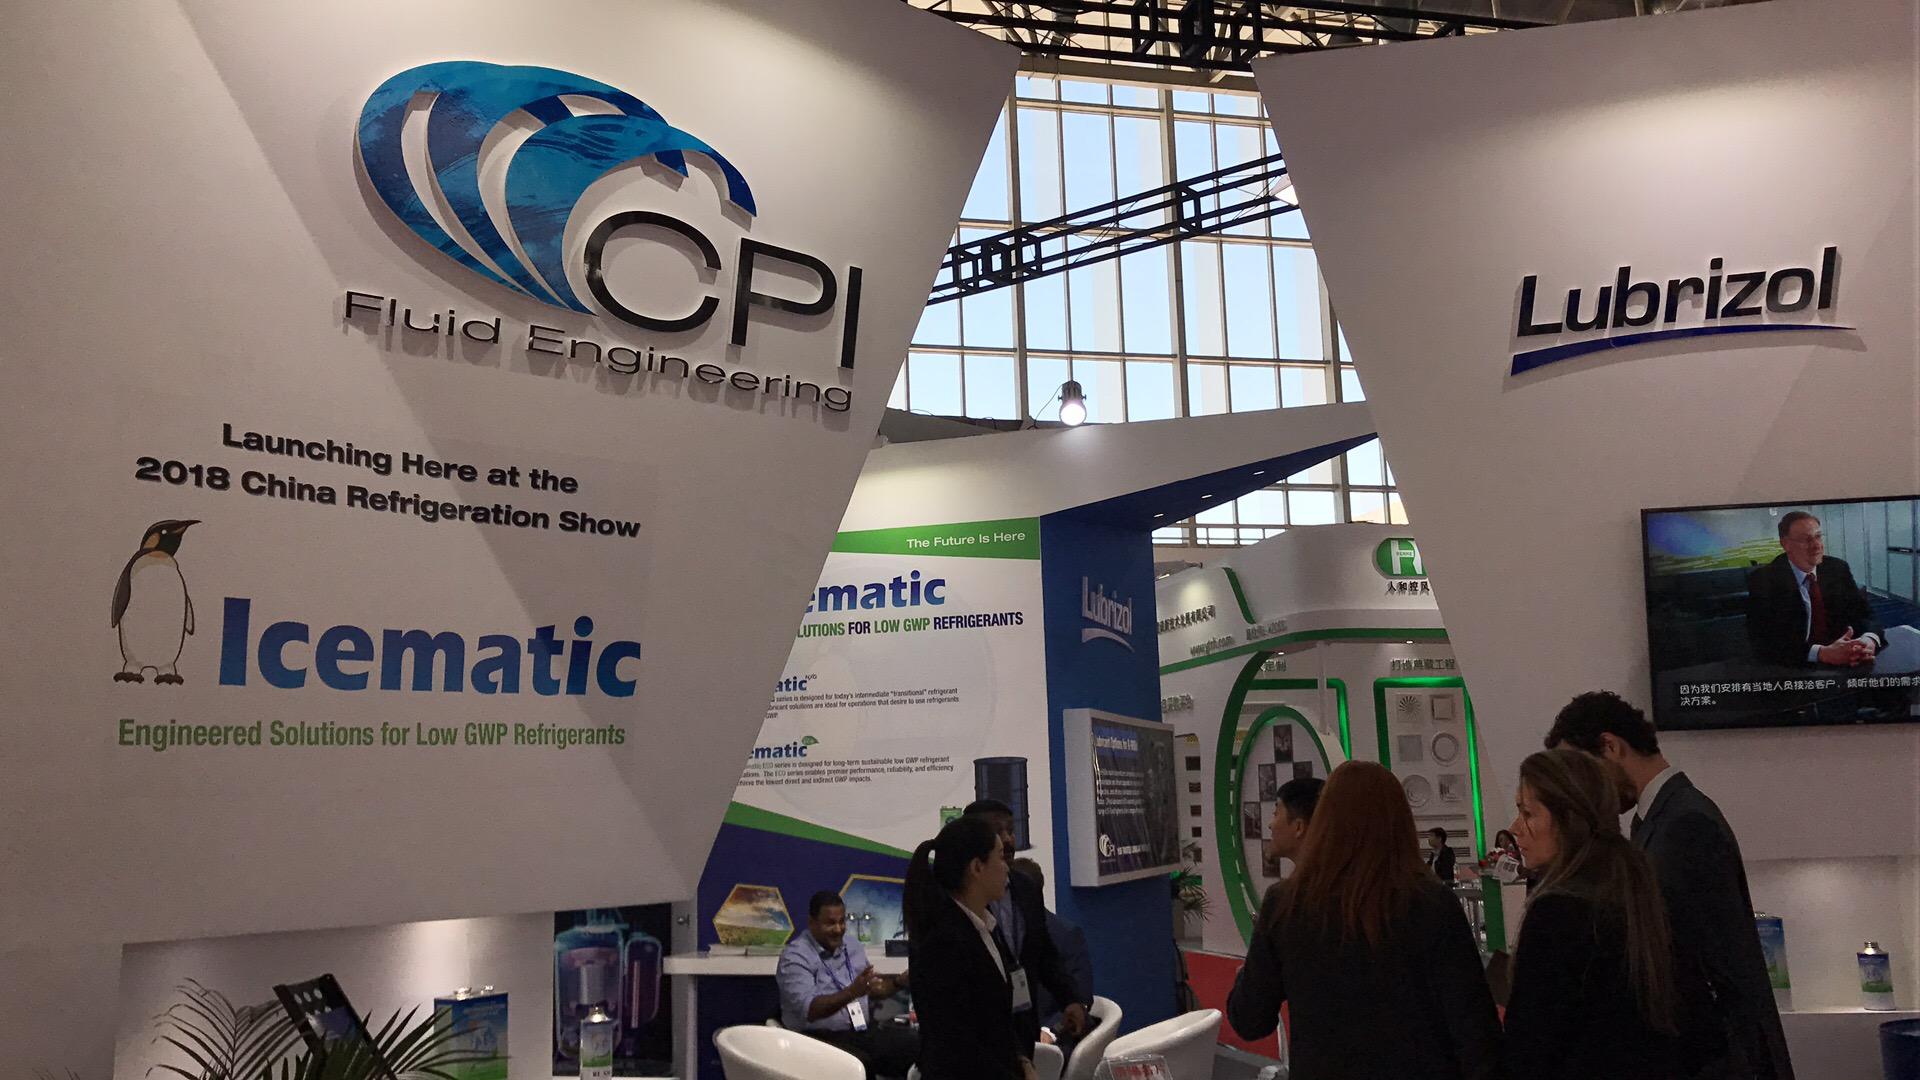 安徽官方CP-4700-100冷冻机油优选企业,CP-4700-100冷冻机油